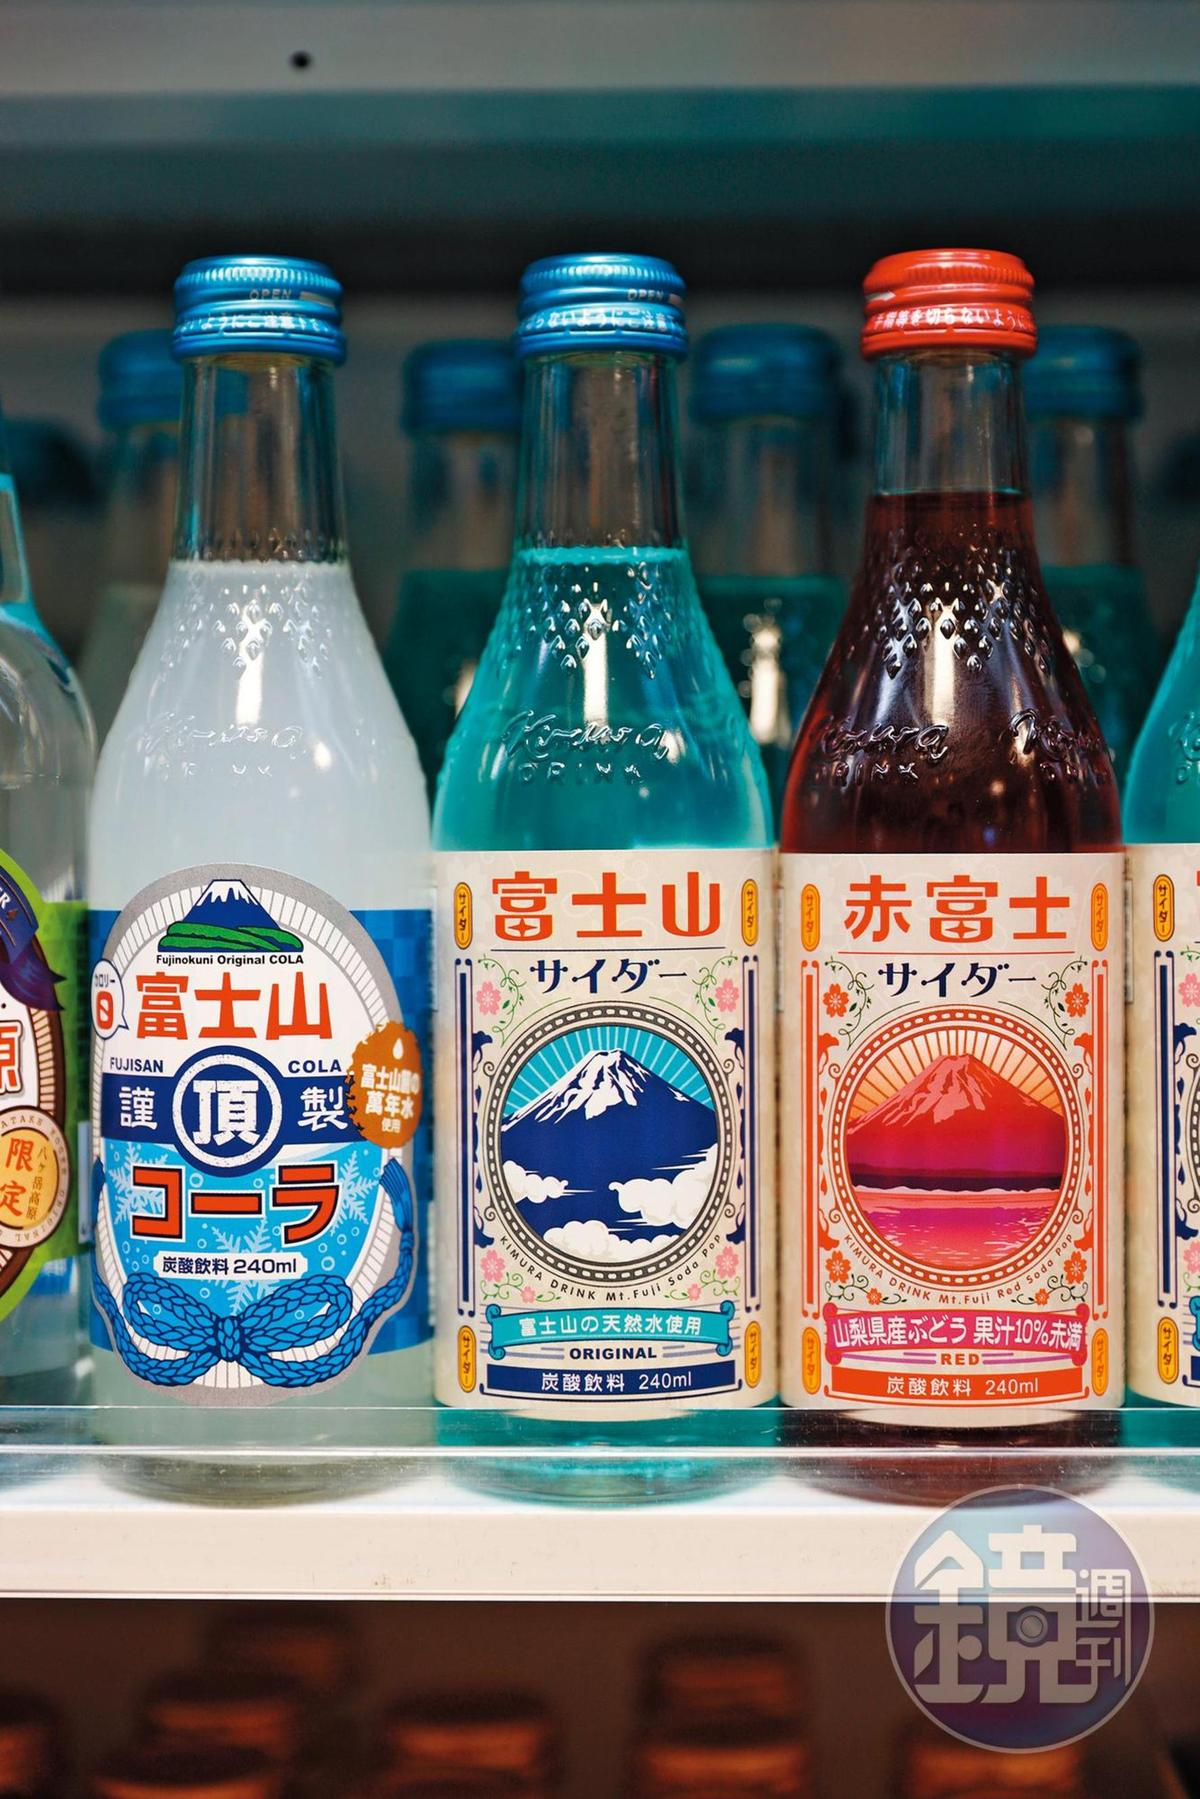 賣店裡有各式各樣貼著富士山標籤的本地飲品。(皆270日圓/瓶,約NT$76)